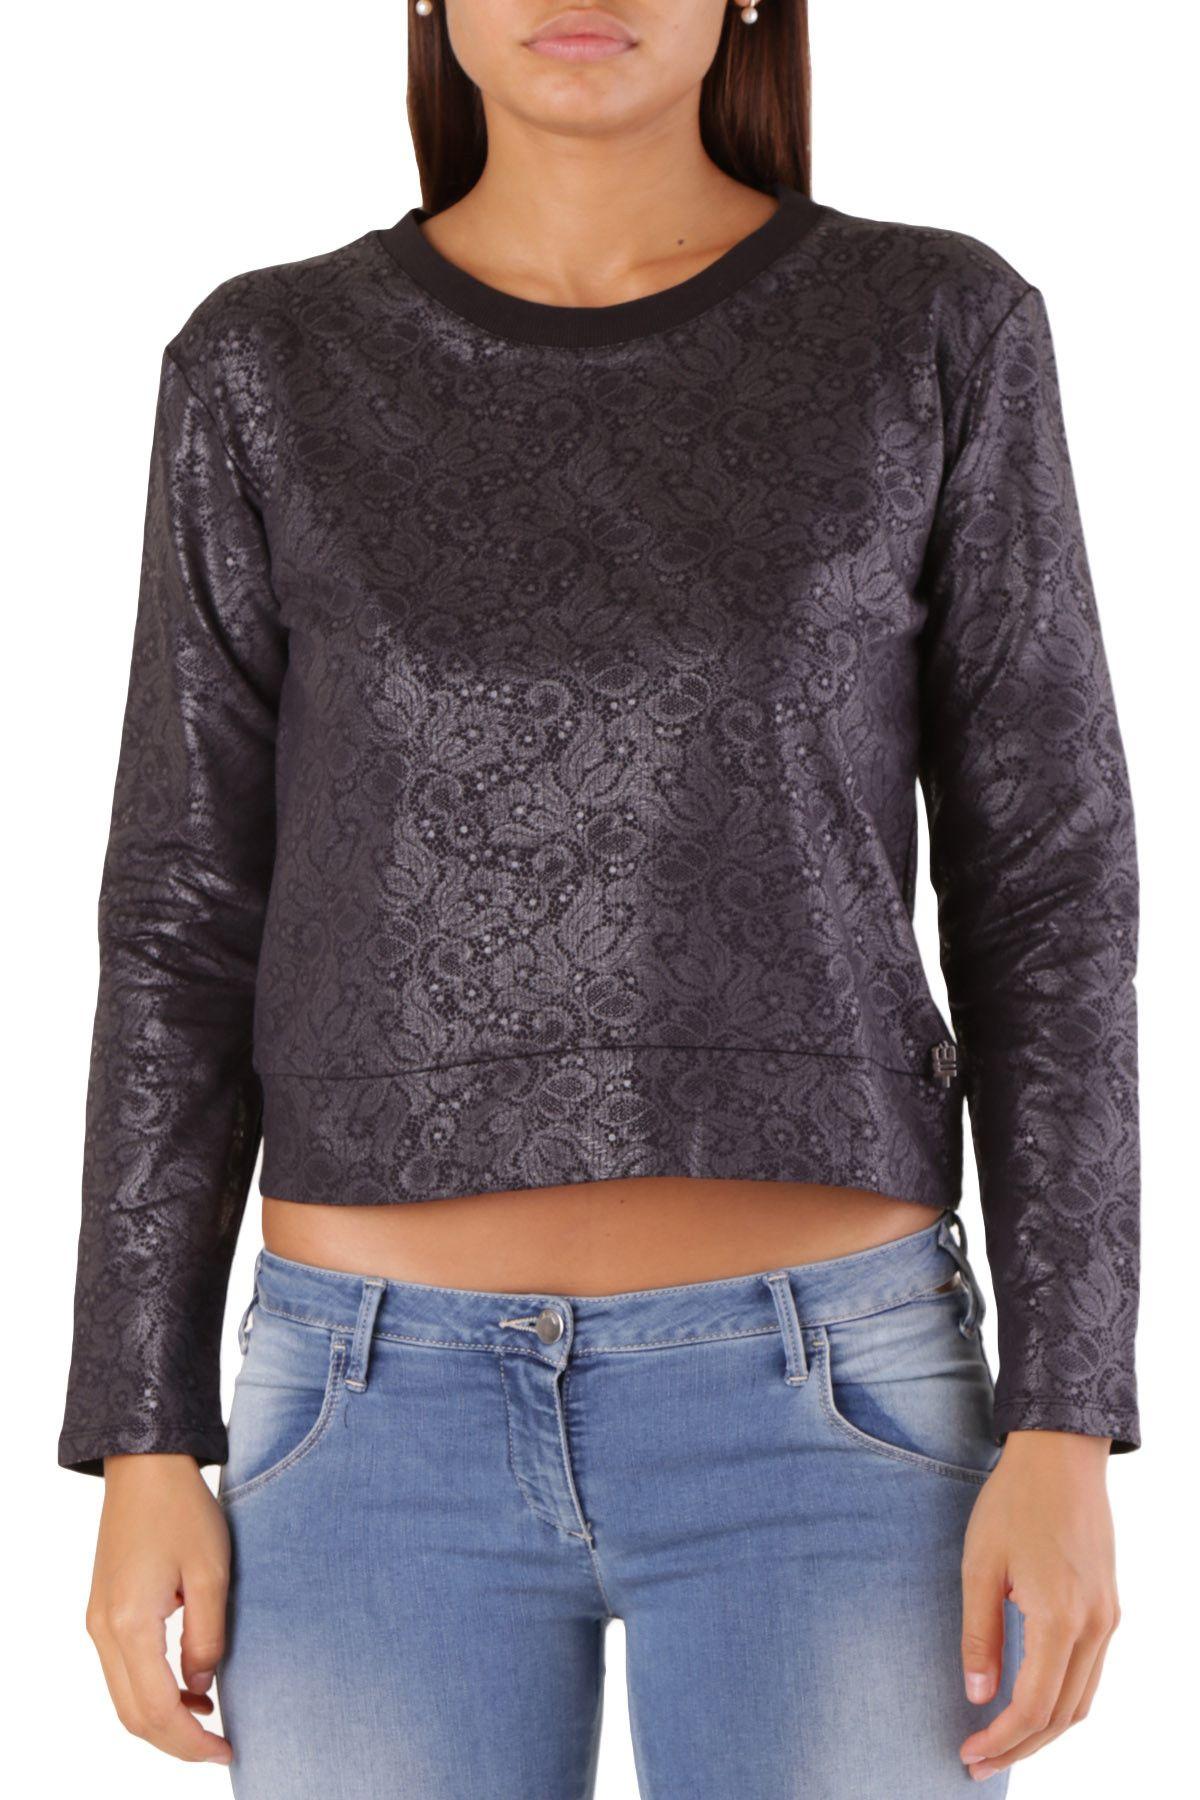 Met Women's Sweatshirt In Black